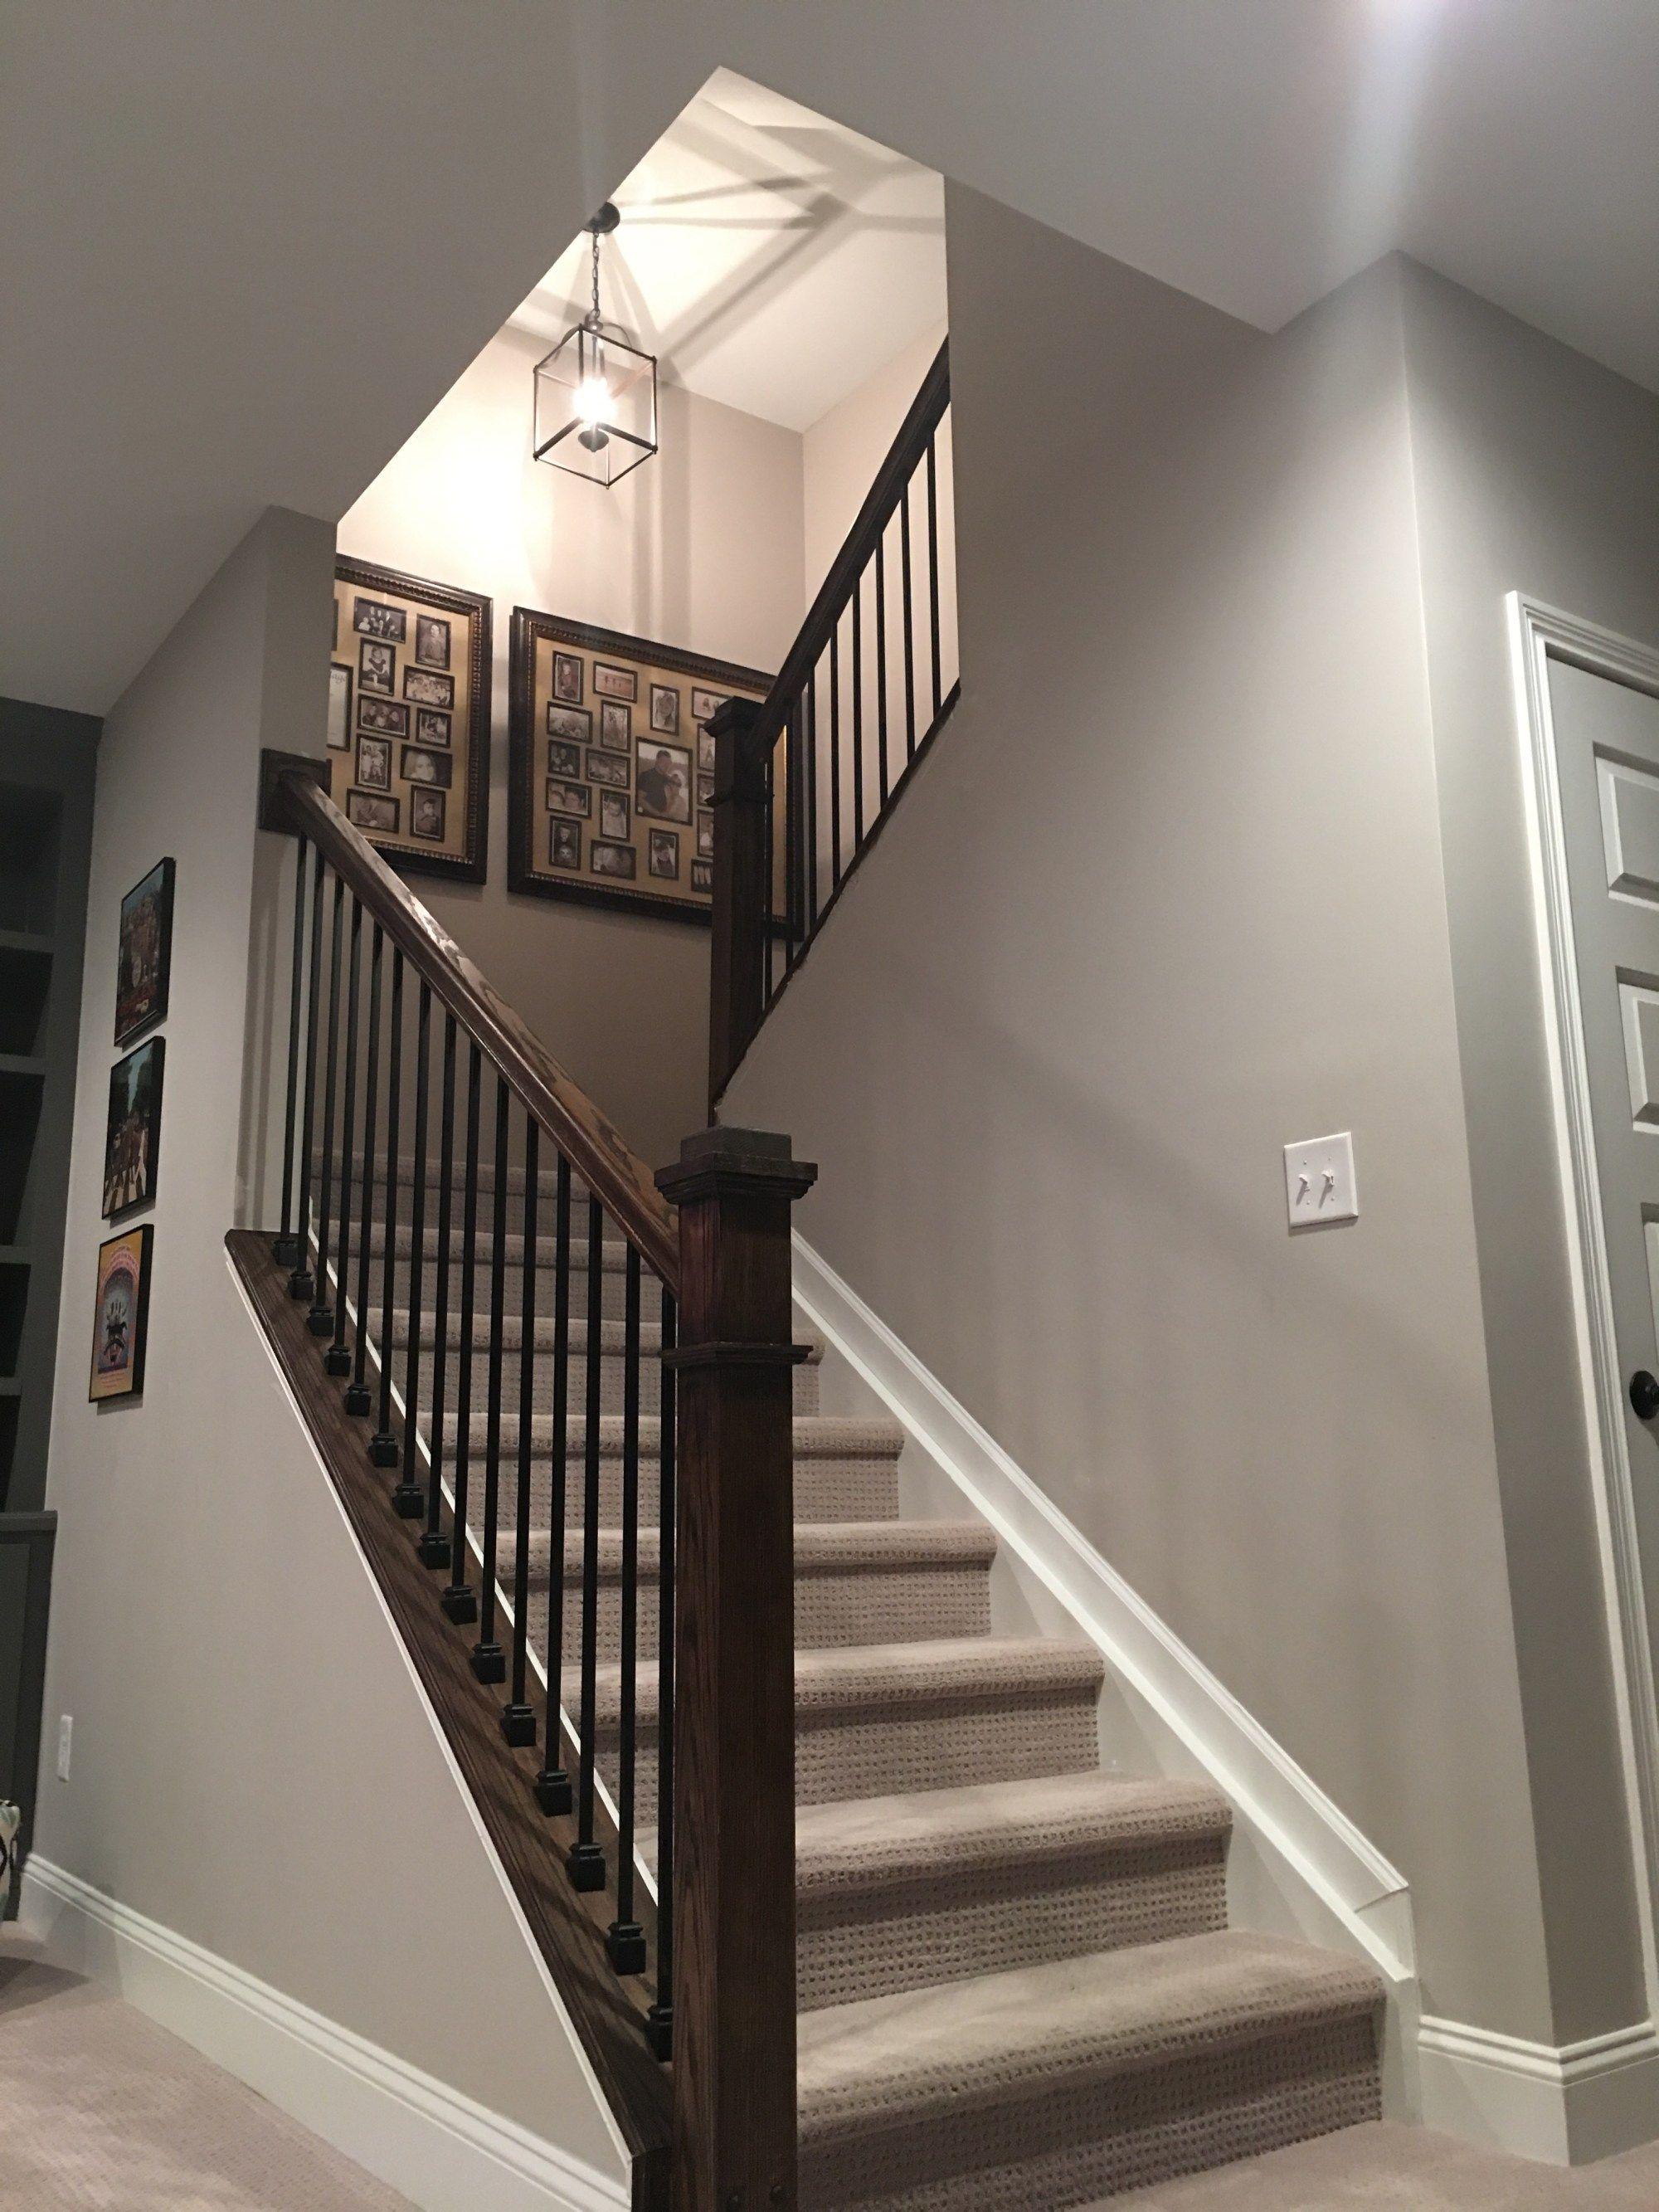 Diy banisters diy stair railing diy stairs banister